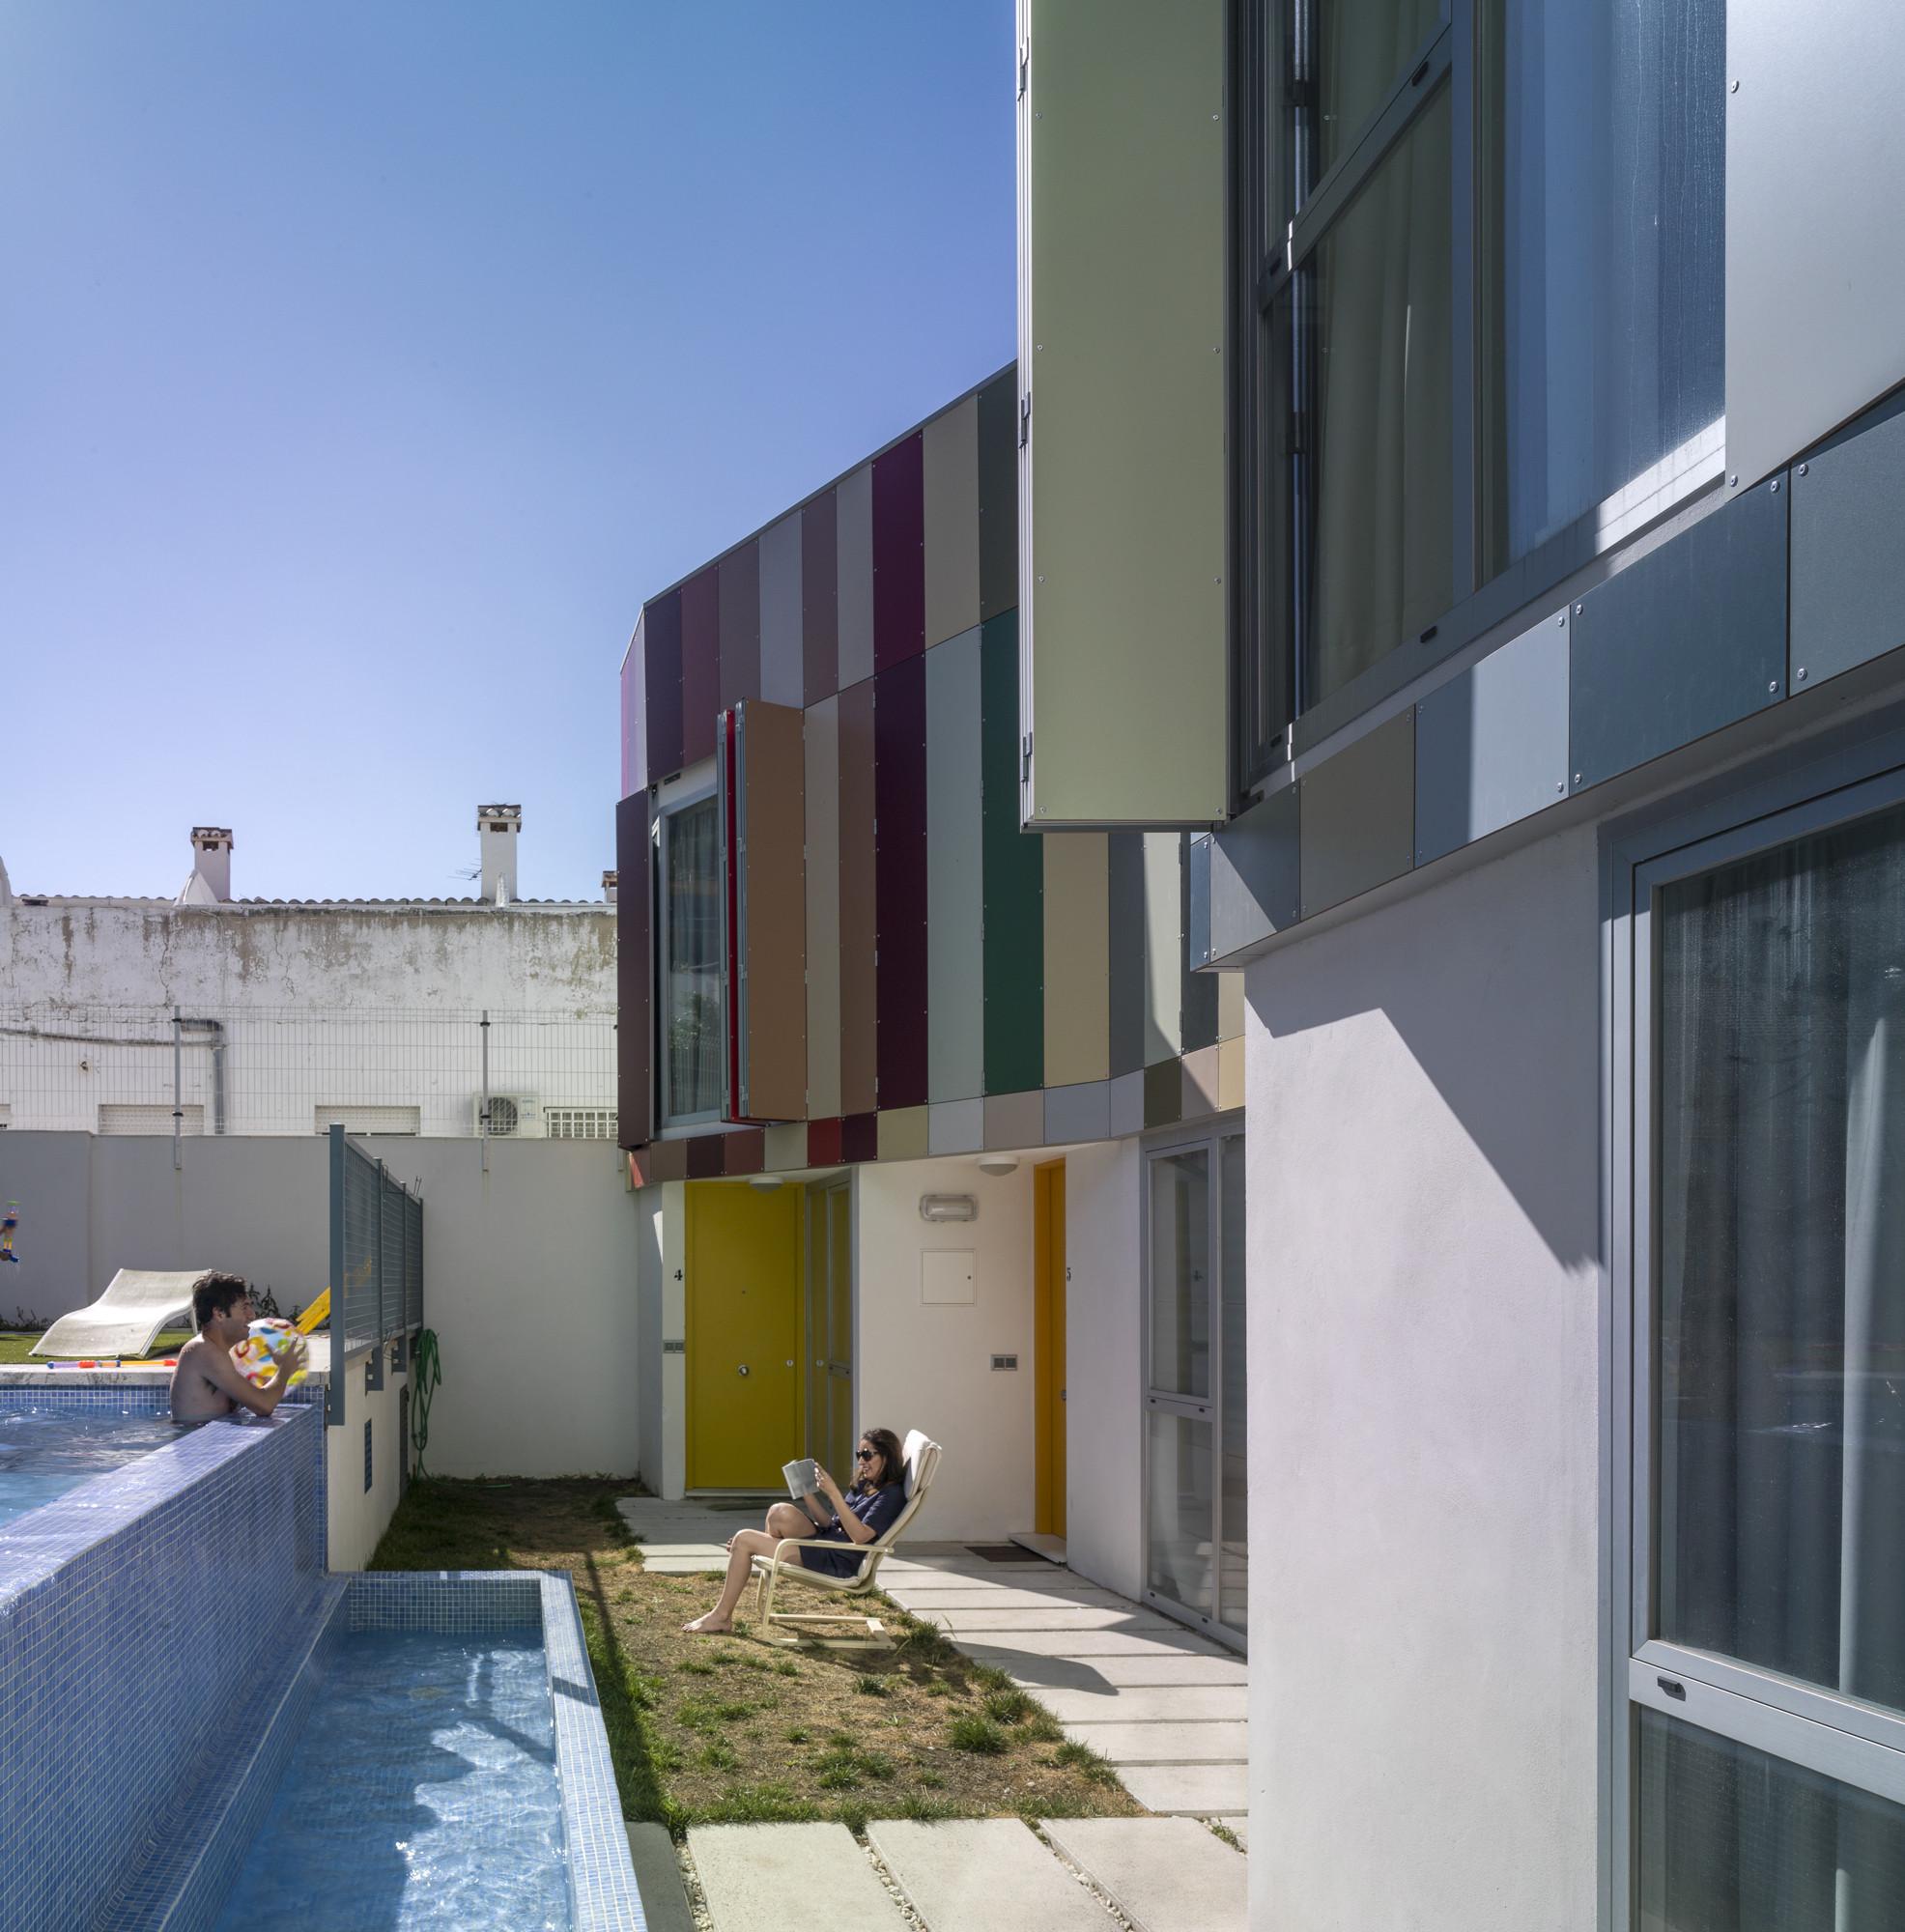 1012 - Toque fresco, urbano y lleno de color en el barrio de San Juan de Jaén